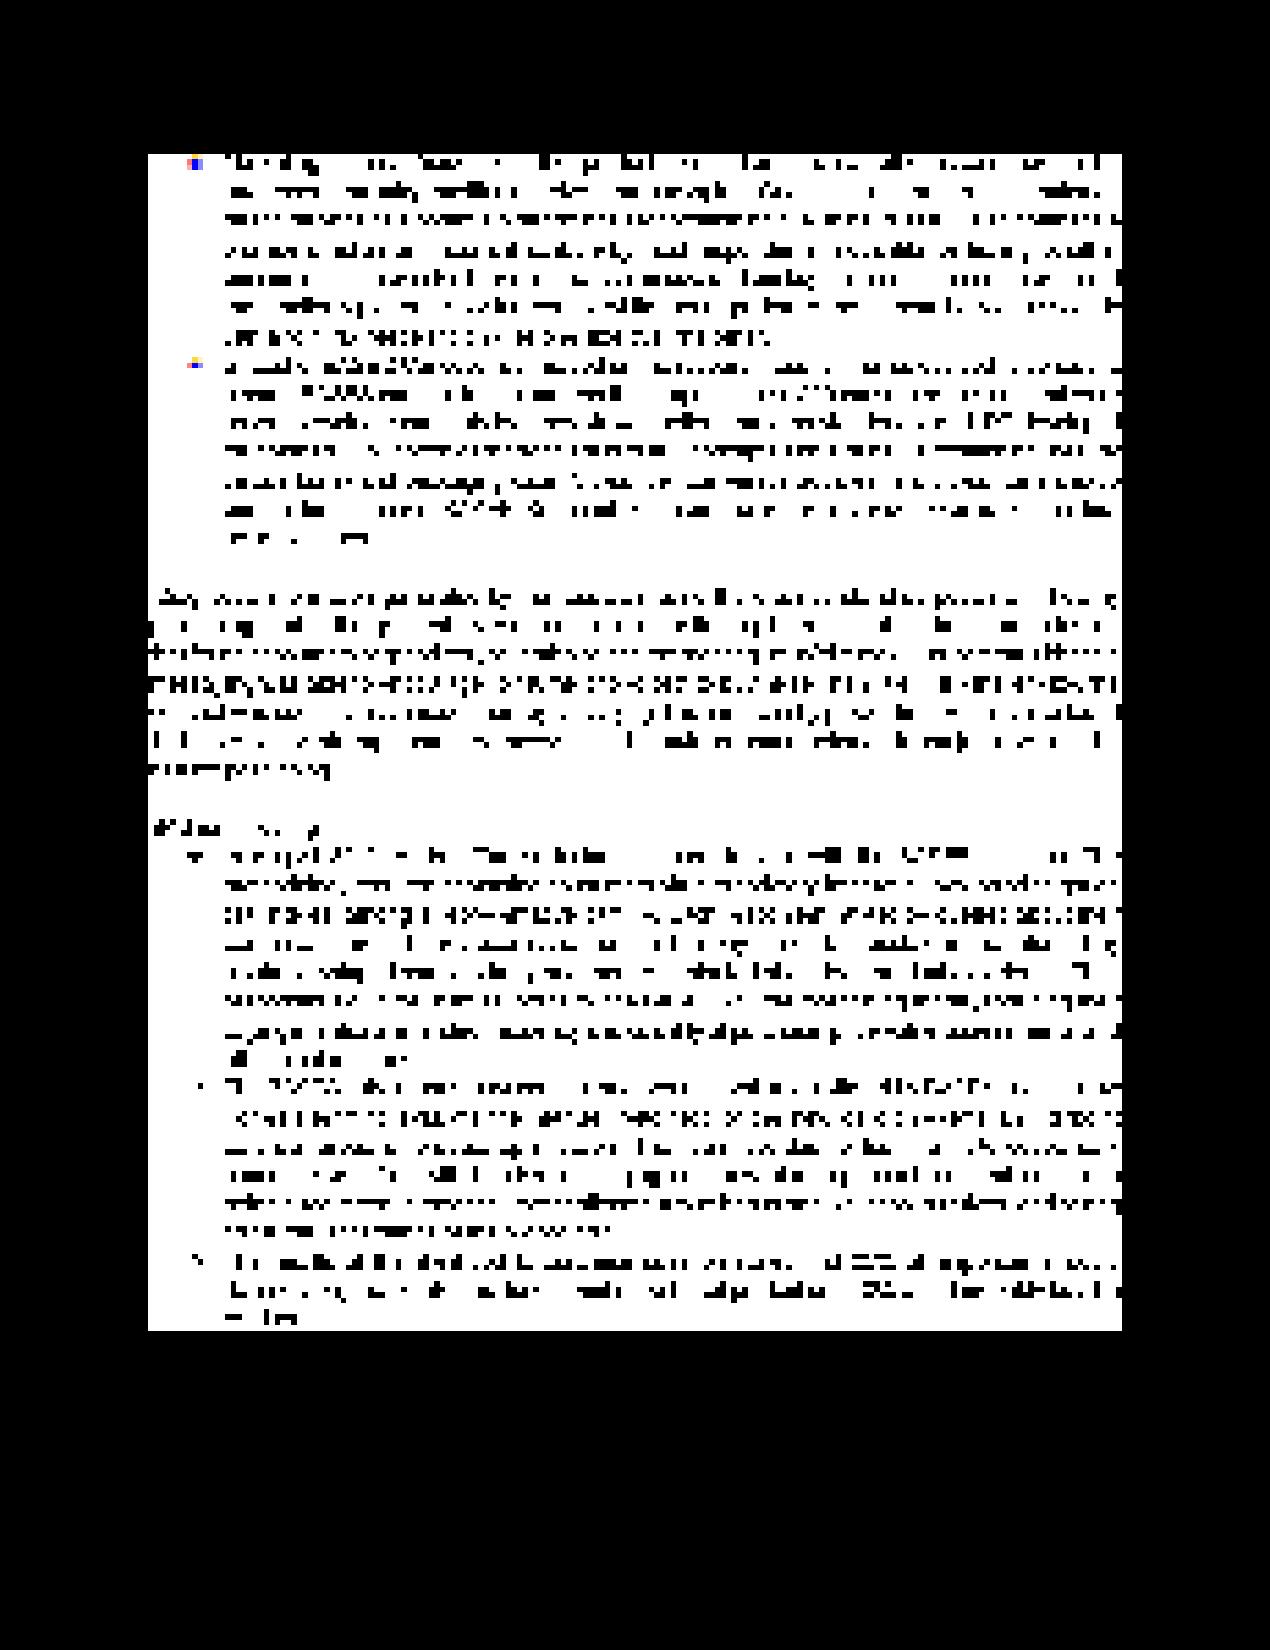 Montreaux Chocolate Case Essay Dissertation Help